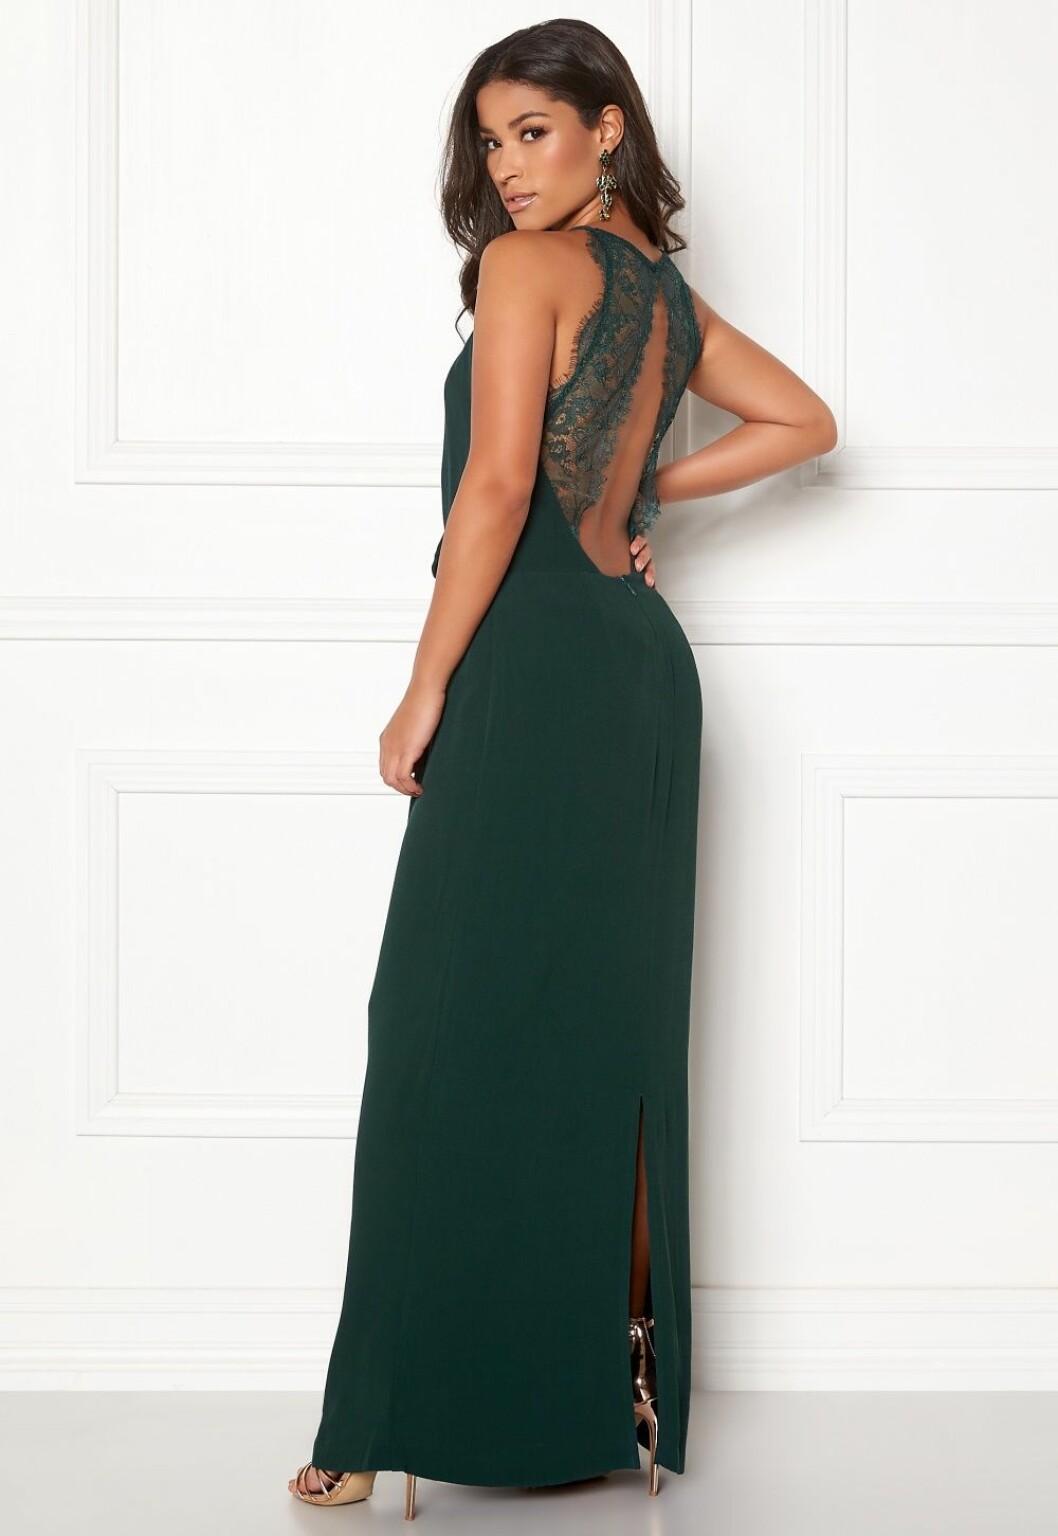 Grön balklänning med spets i ryggen